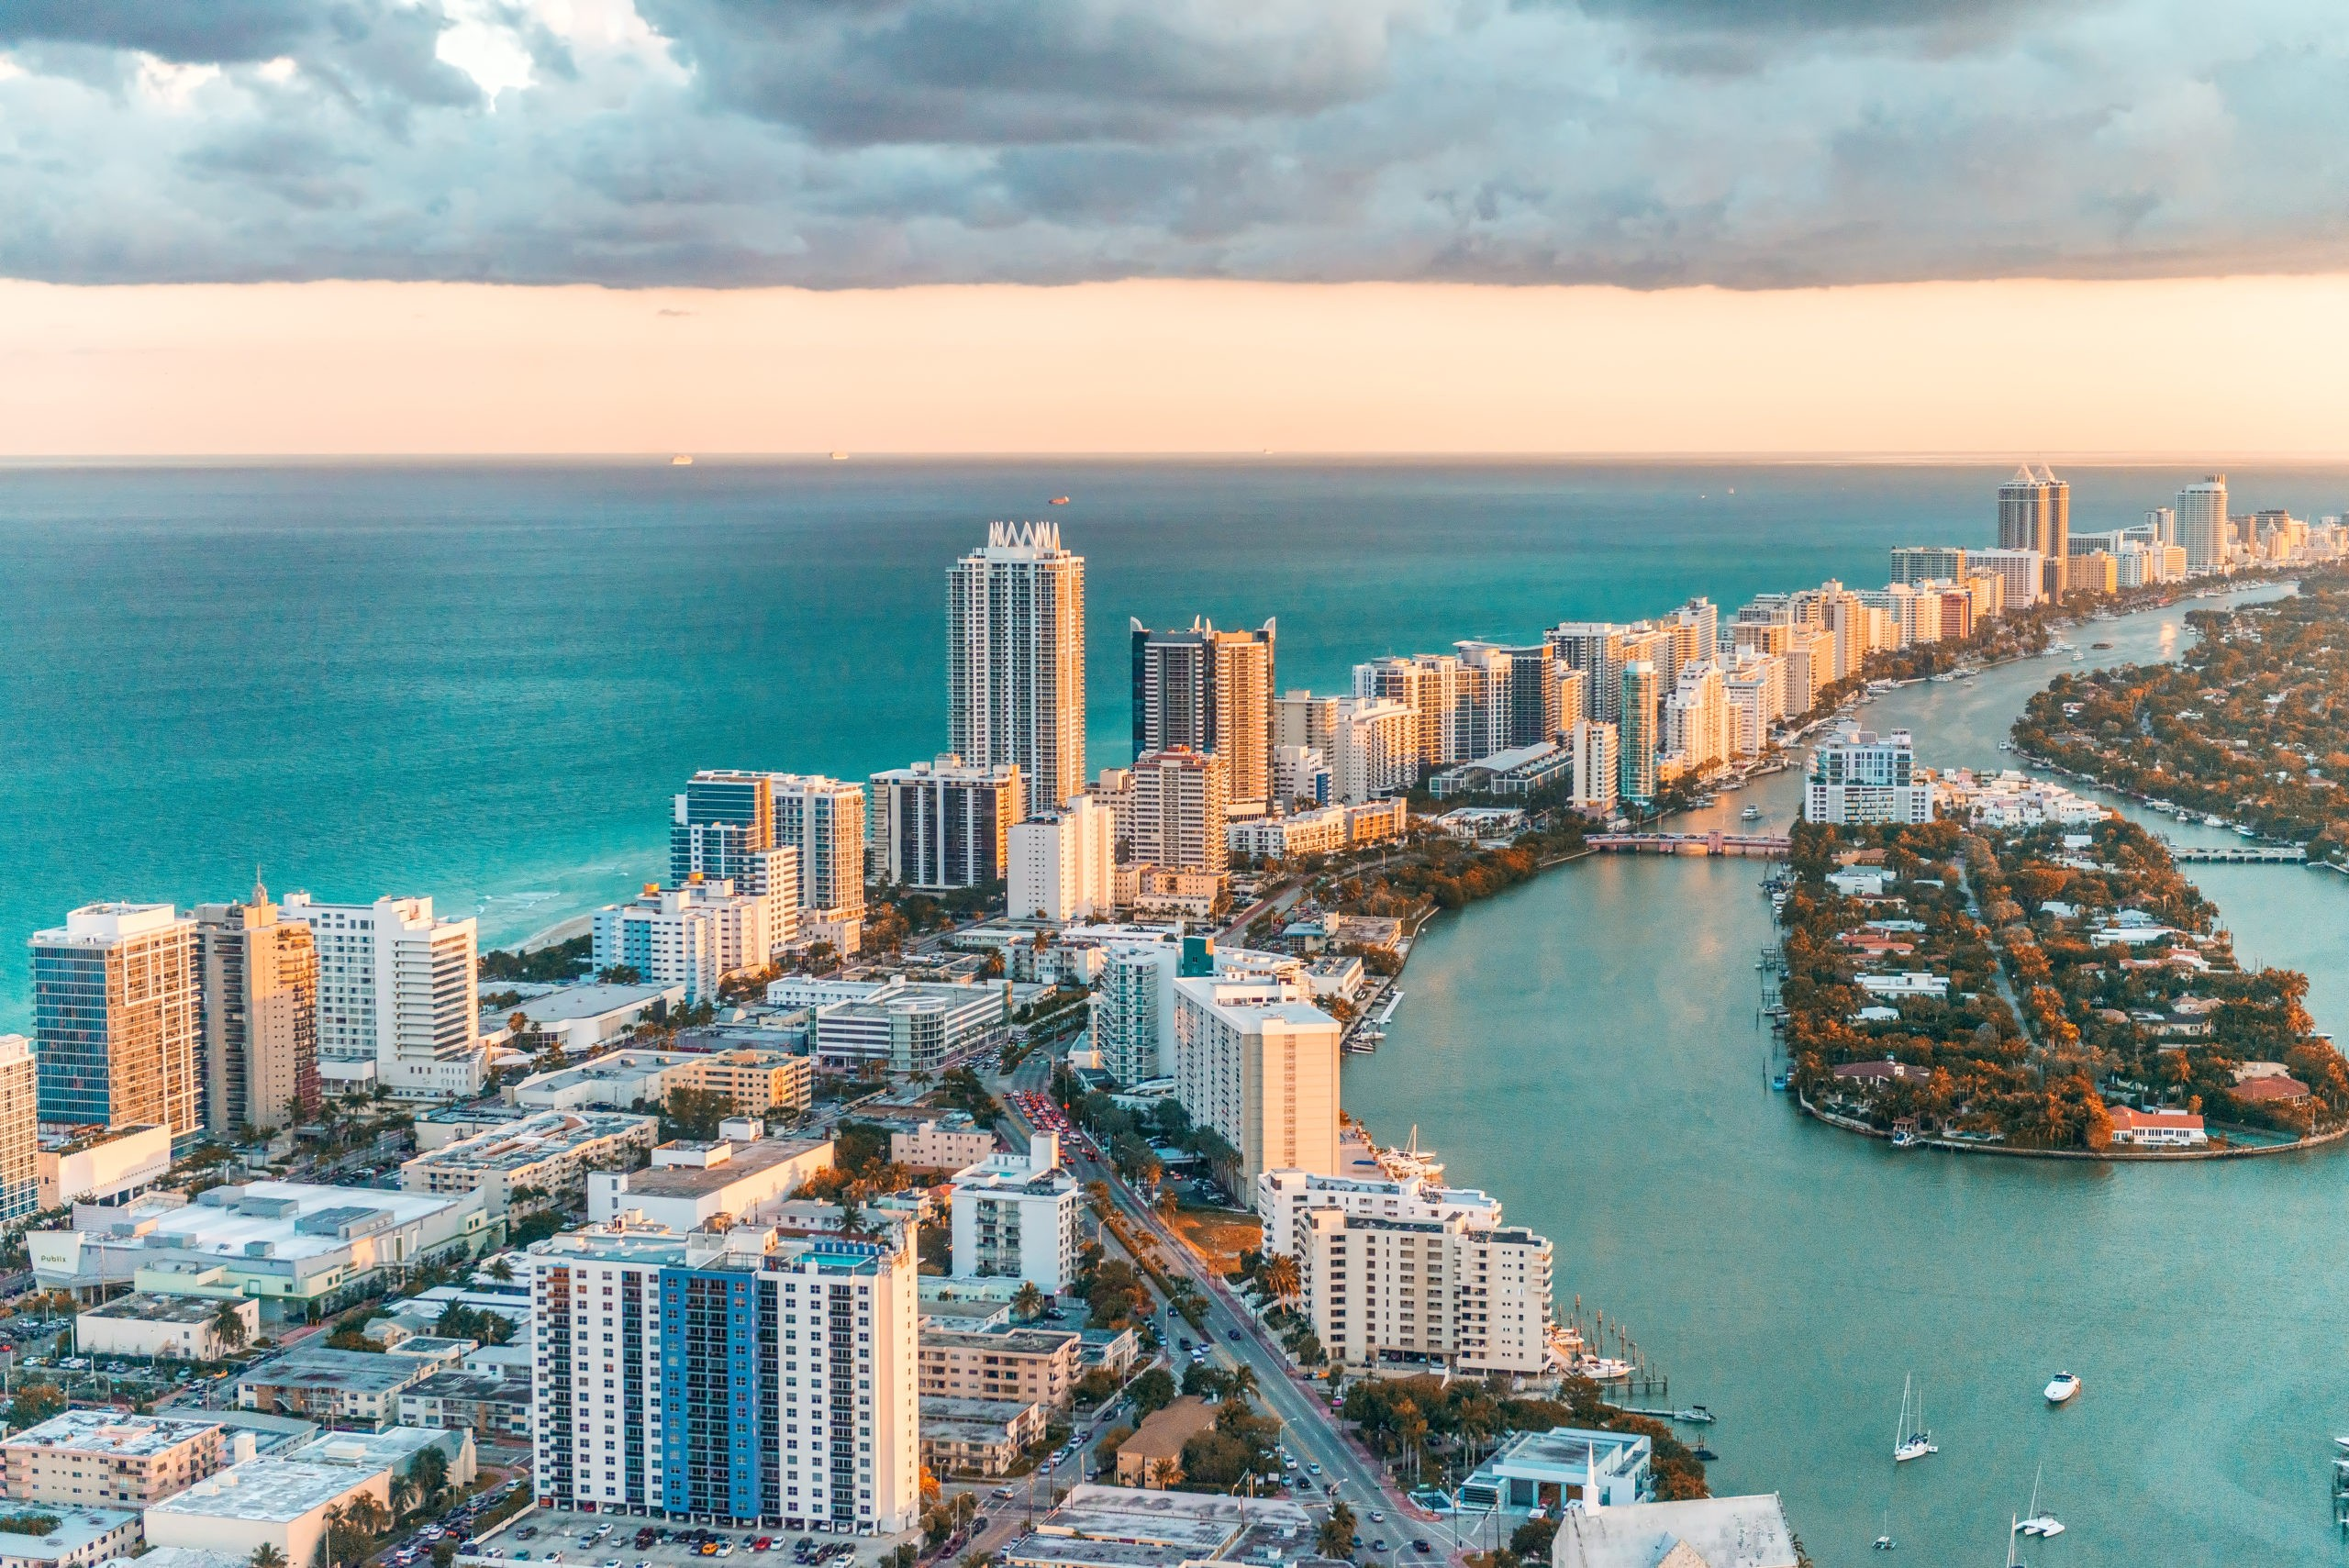 Widok z helikoptera na South Beach, Miami., licencja: shutterstock/By pisaphotography